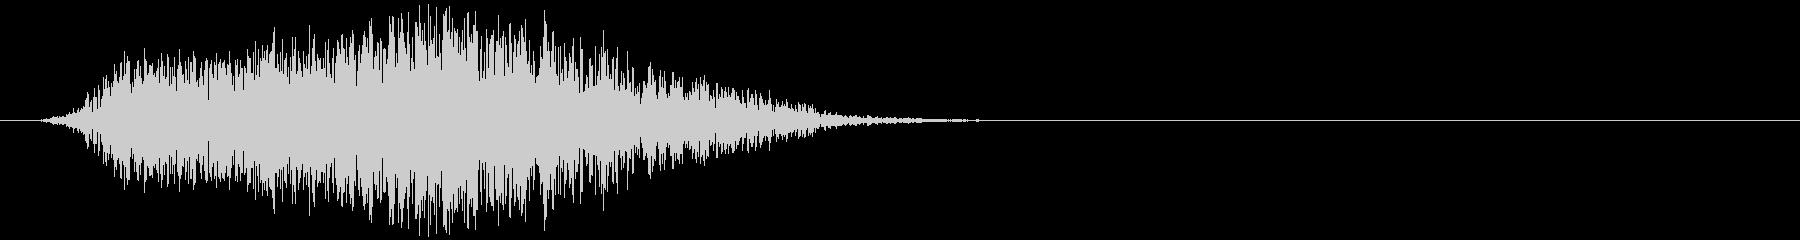 忍者飛翔の未再生の波形